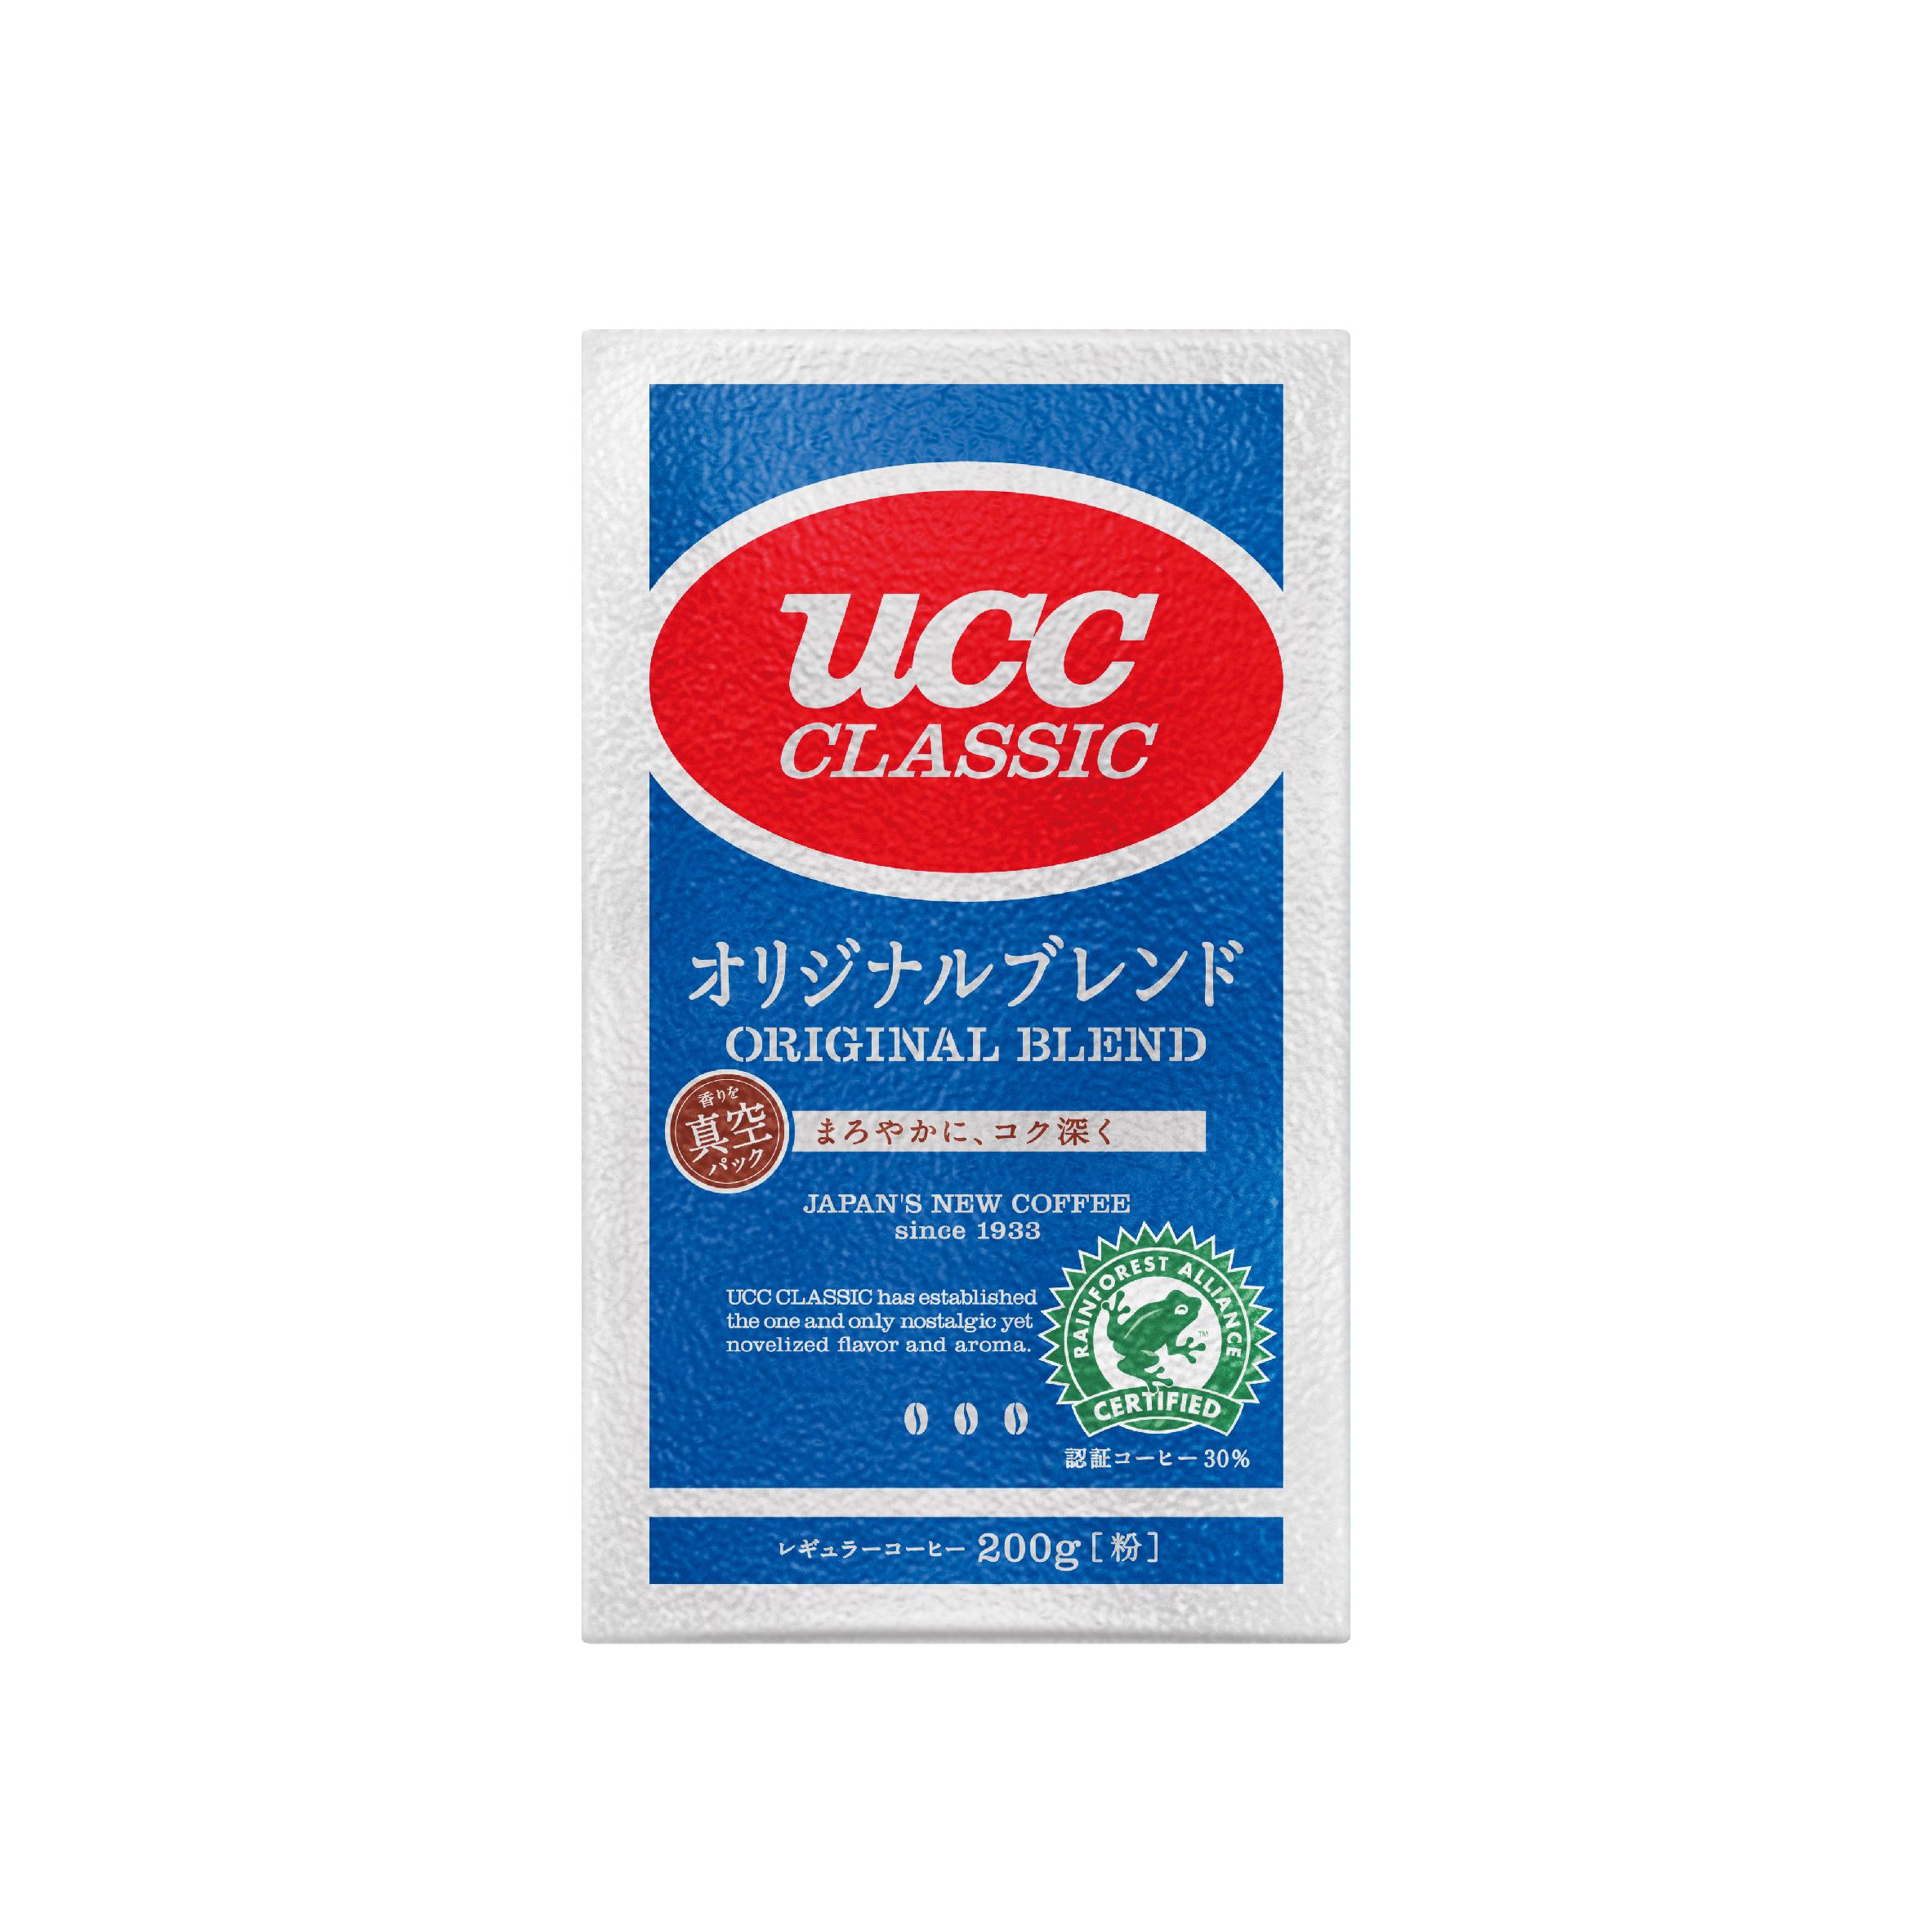 UCC Classic Original Blend